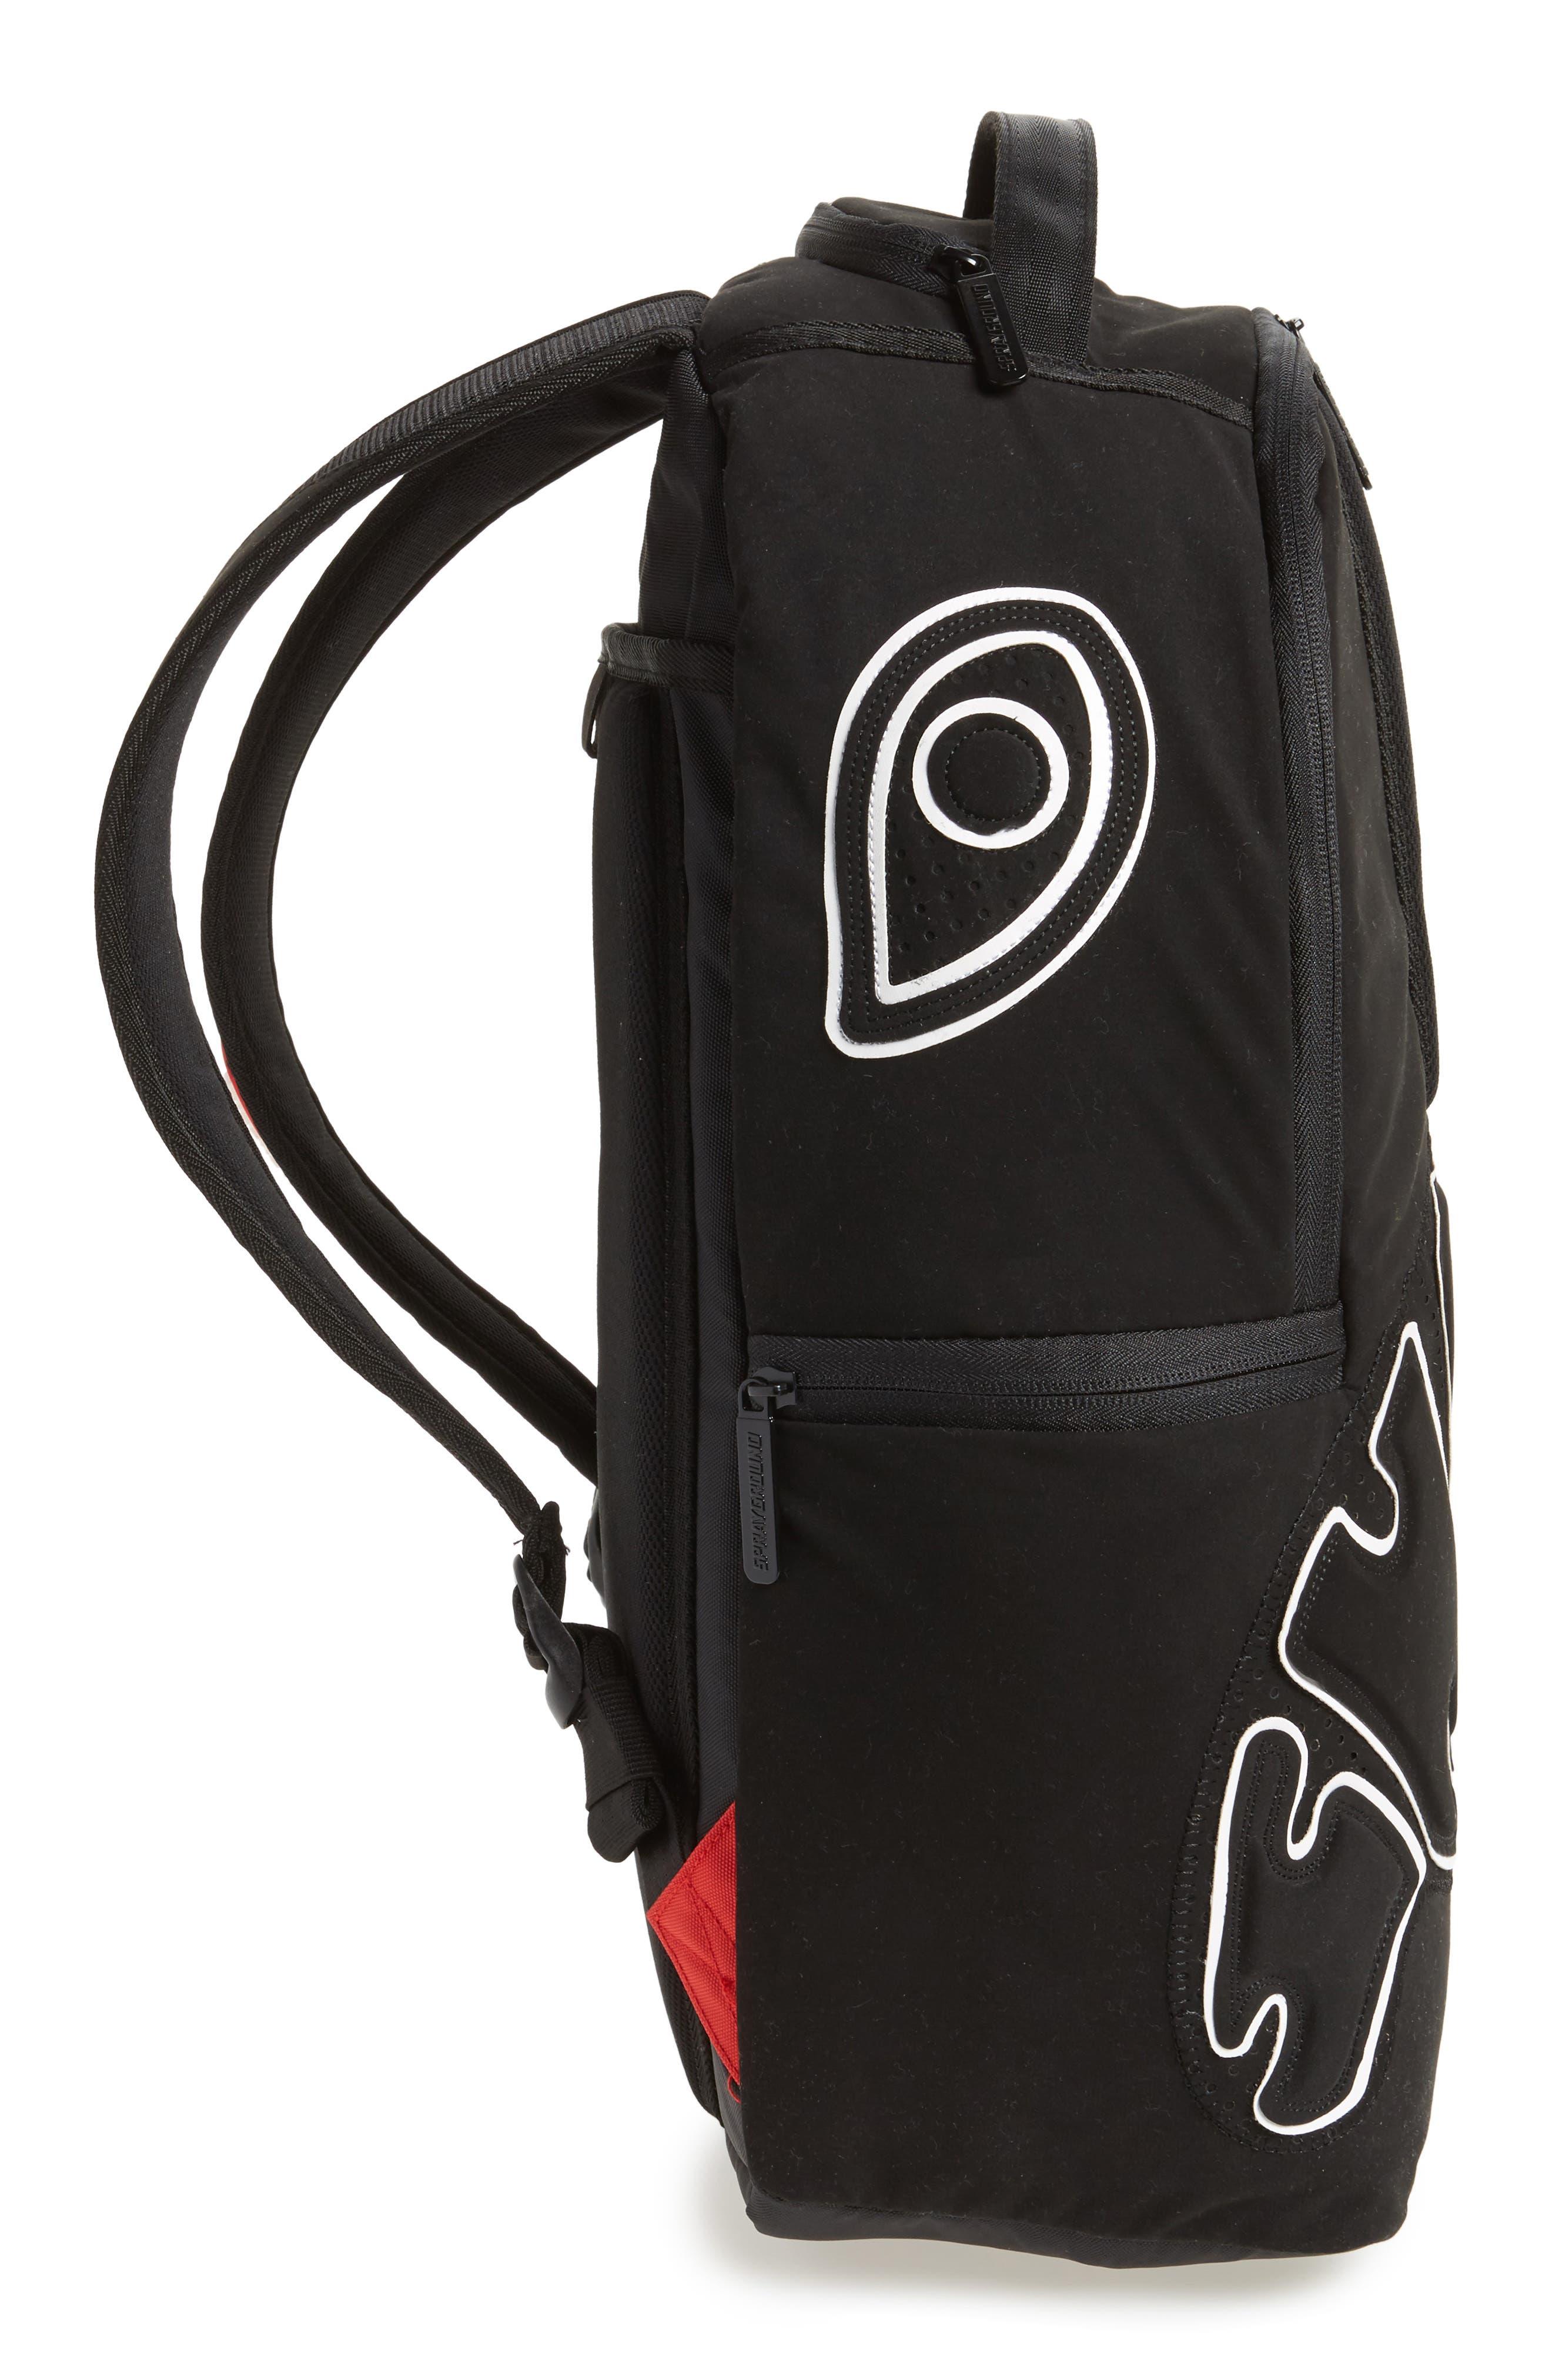 Uptempo Shark Backpack,                             Alternate thumbnail 5, color,                             001